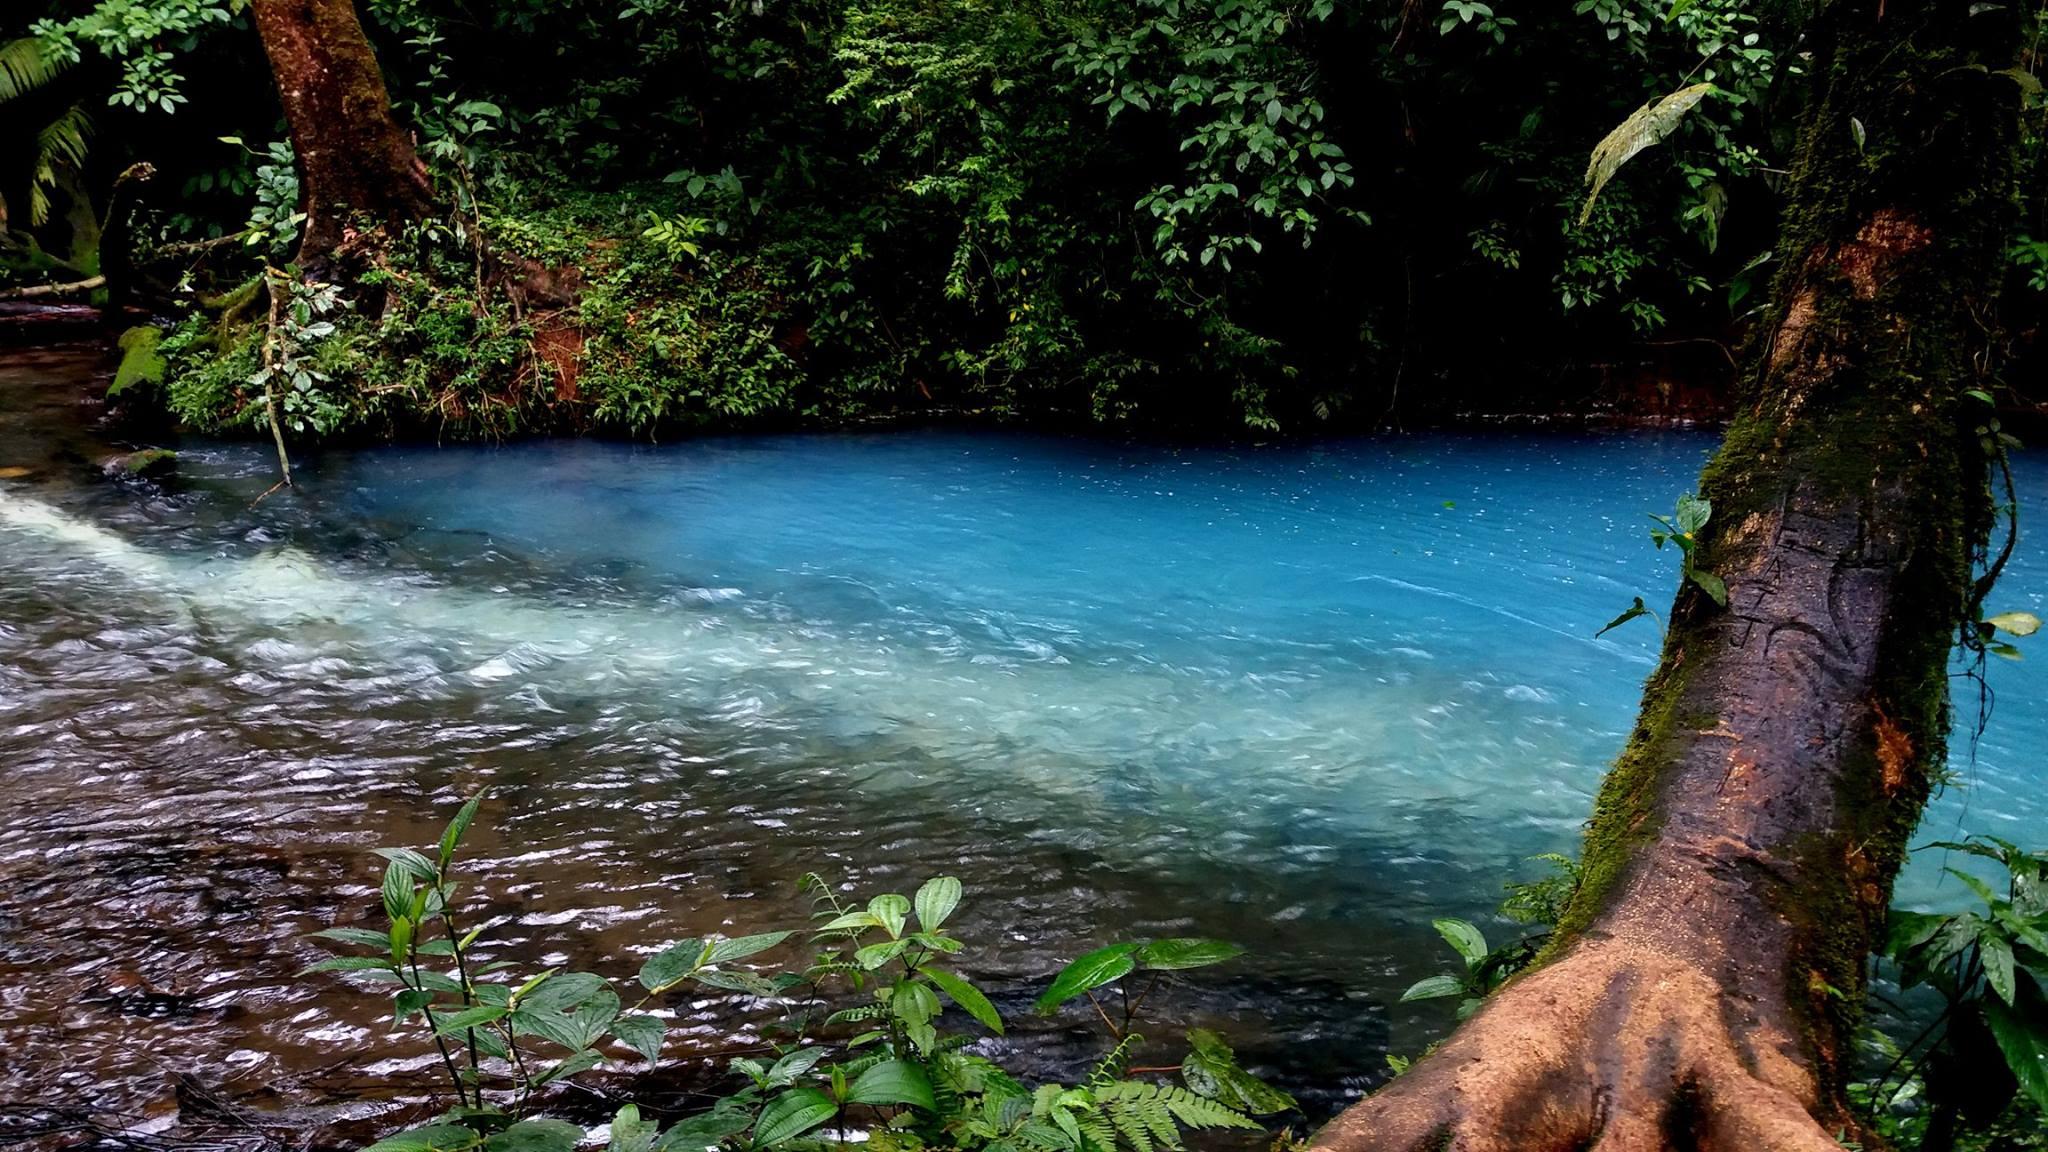 Catarata Rio Celeste – Activ: Río Celeste Färbung